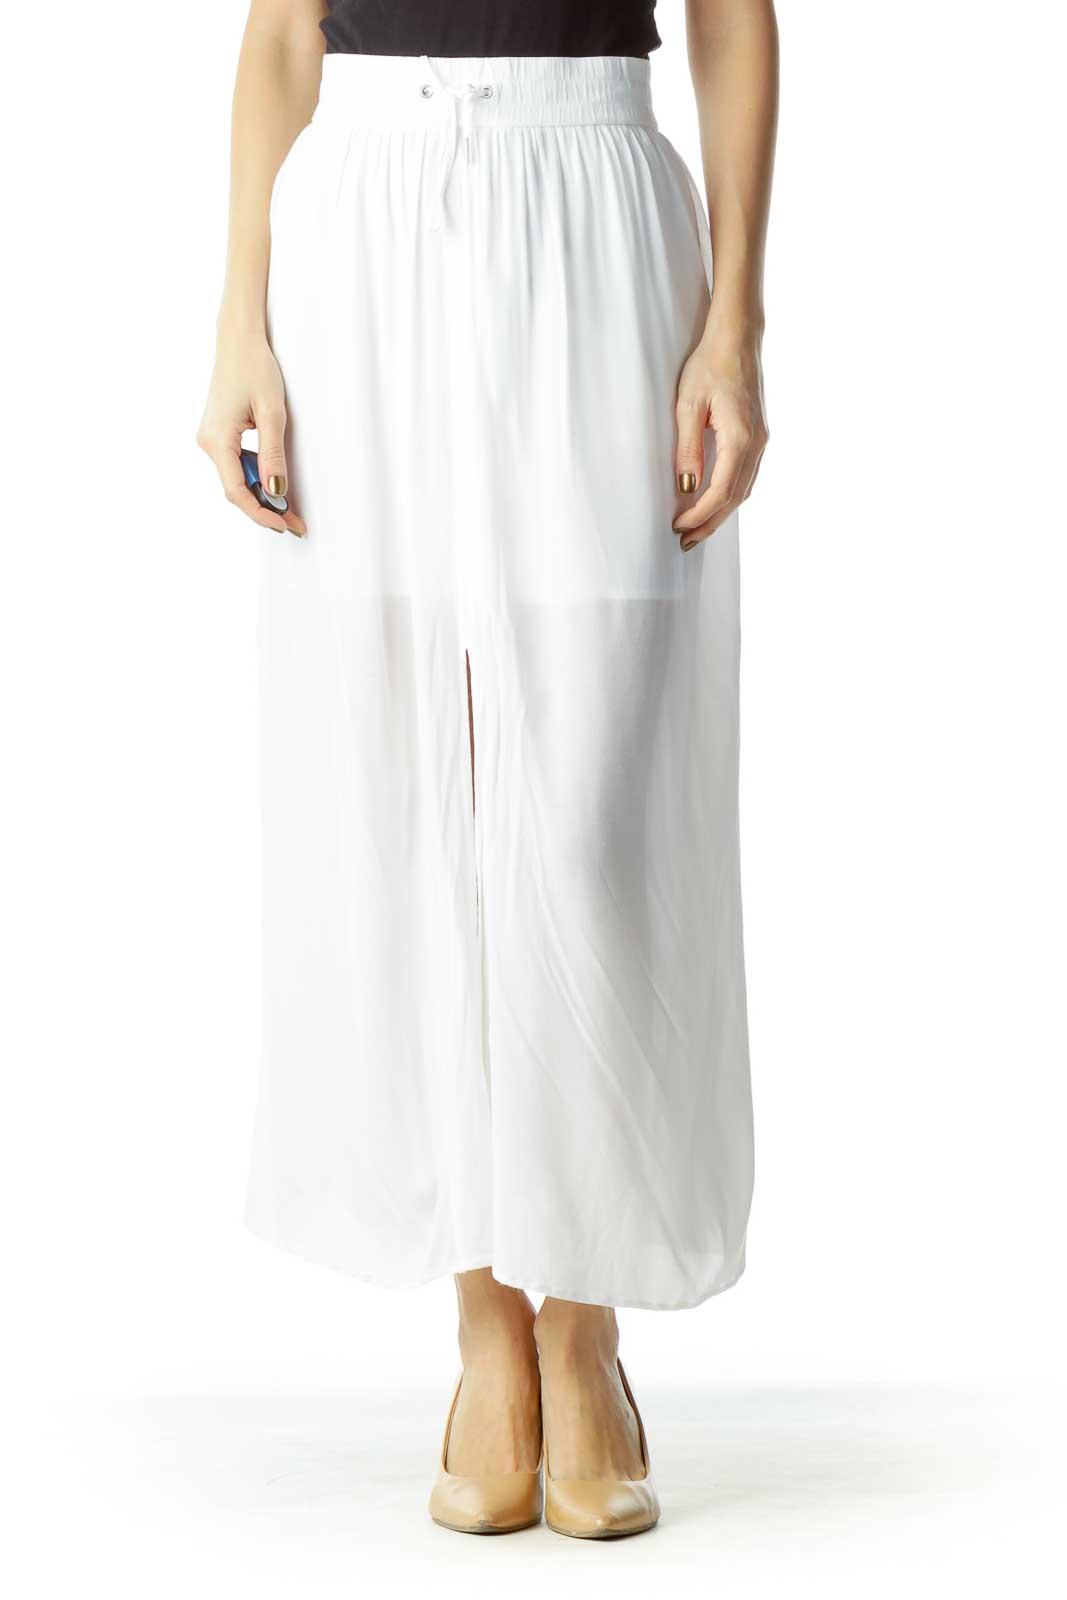 White Sheer Midi Skirt Front